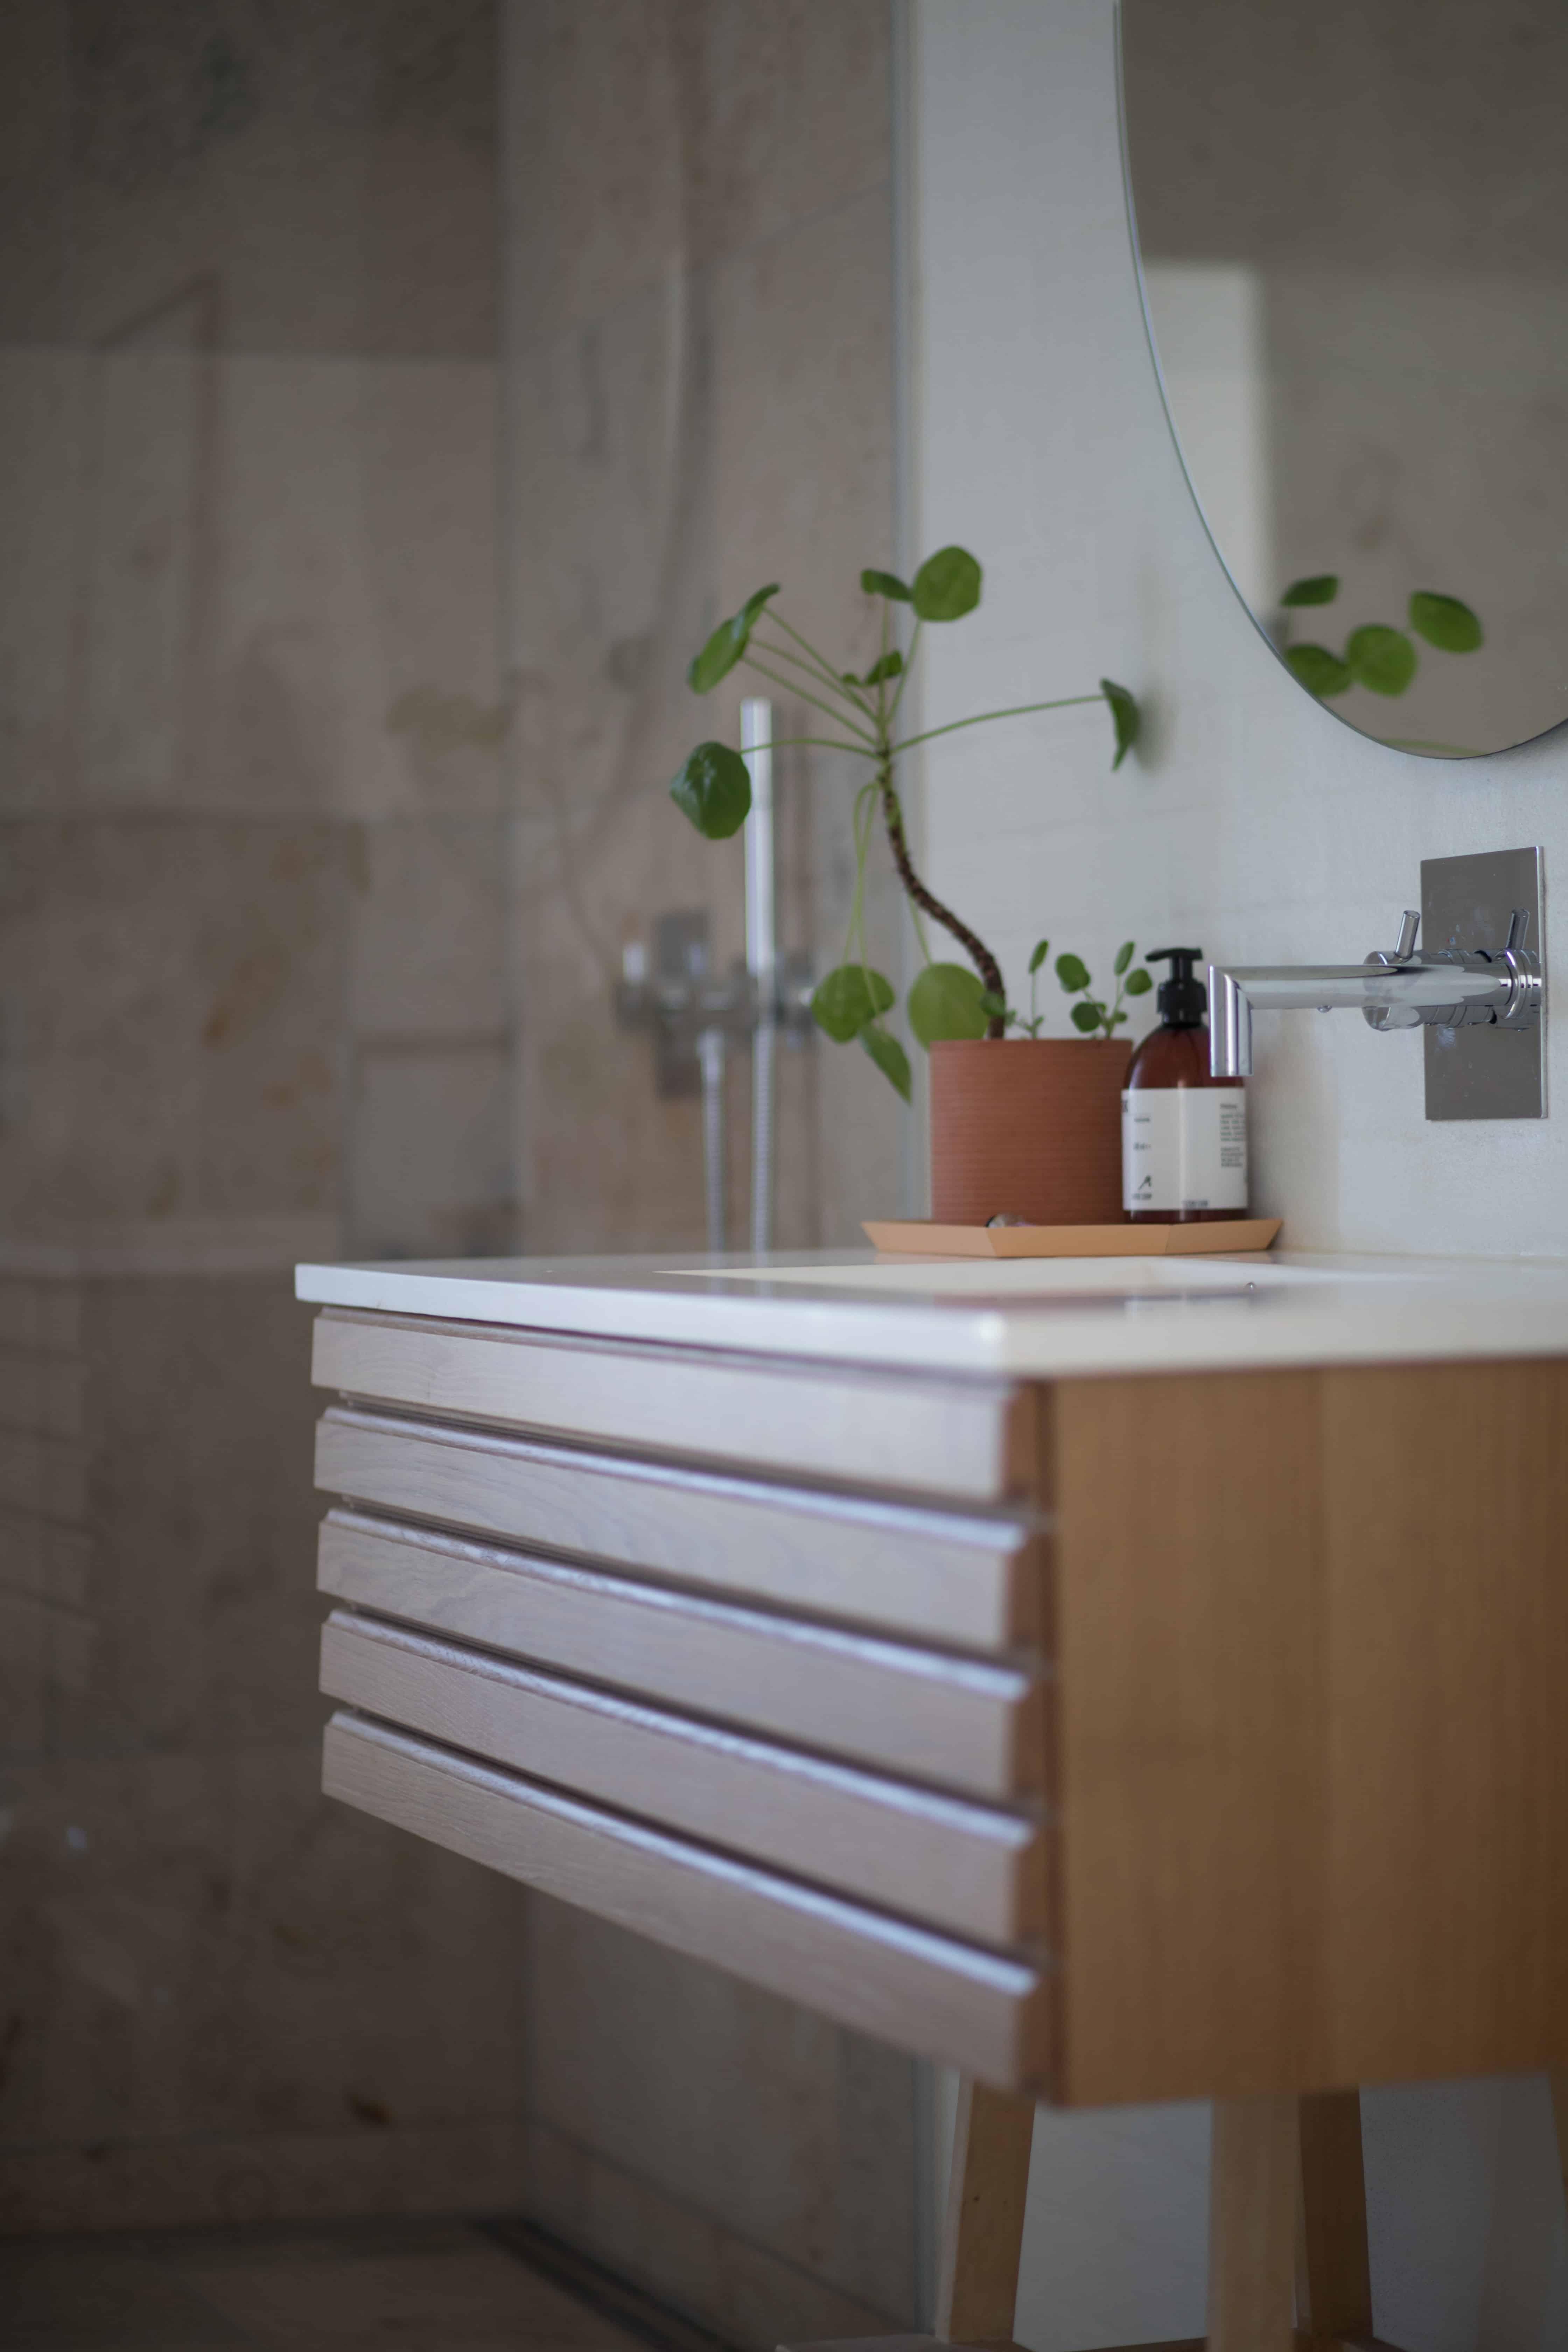 Oglinda mare, simpla, montată direct pe perete, intr-o baie in tonuri deschise, de bej, crem și maro, cu chiuveta suspendata si o planta